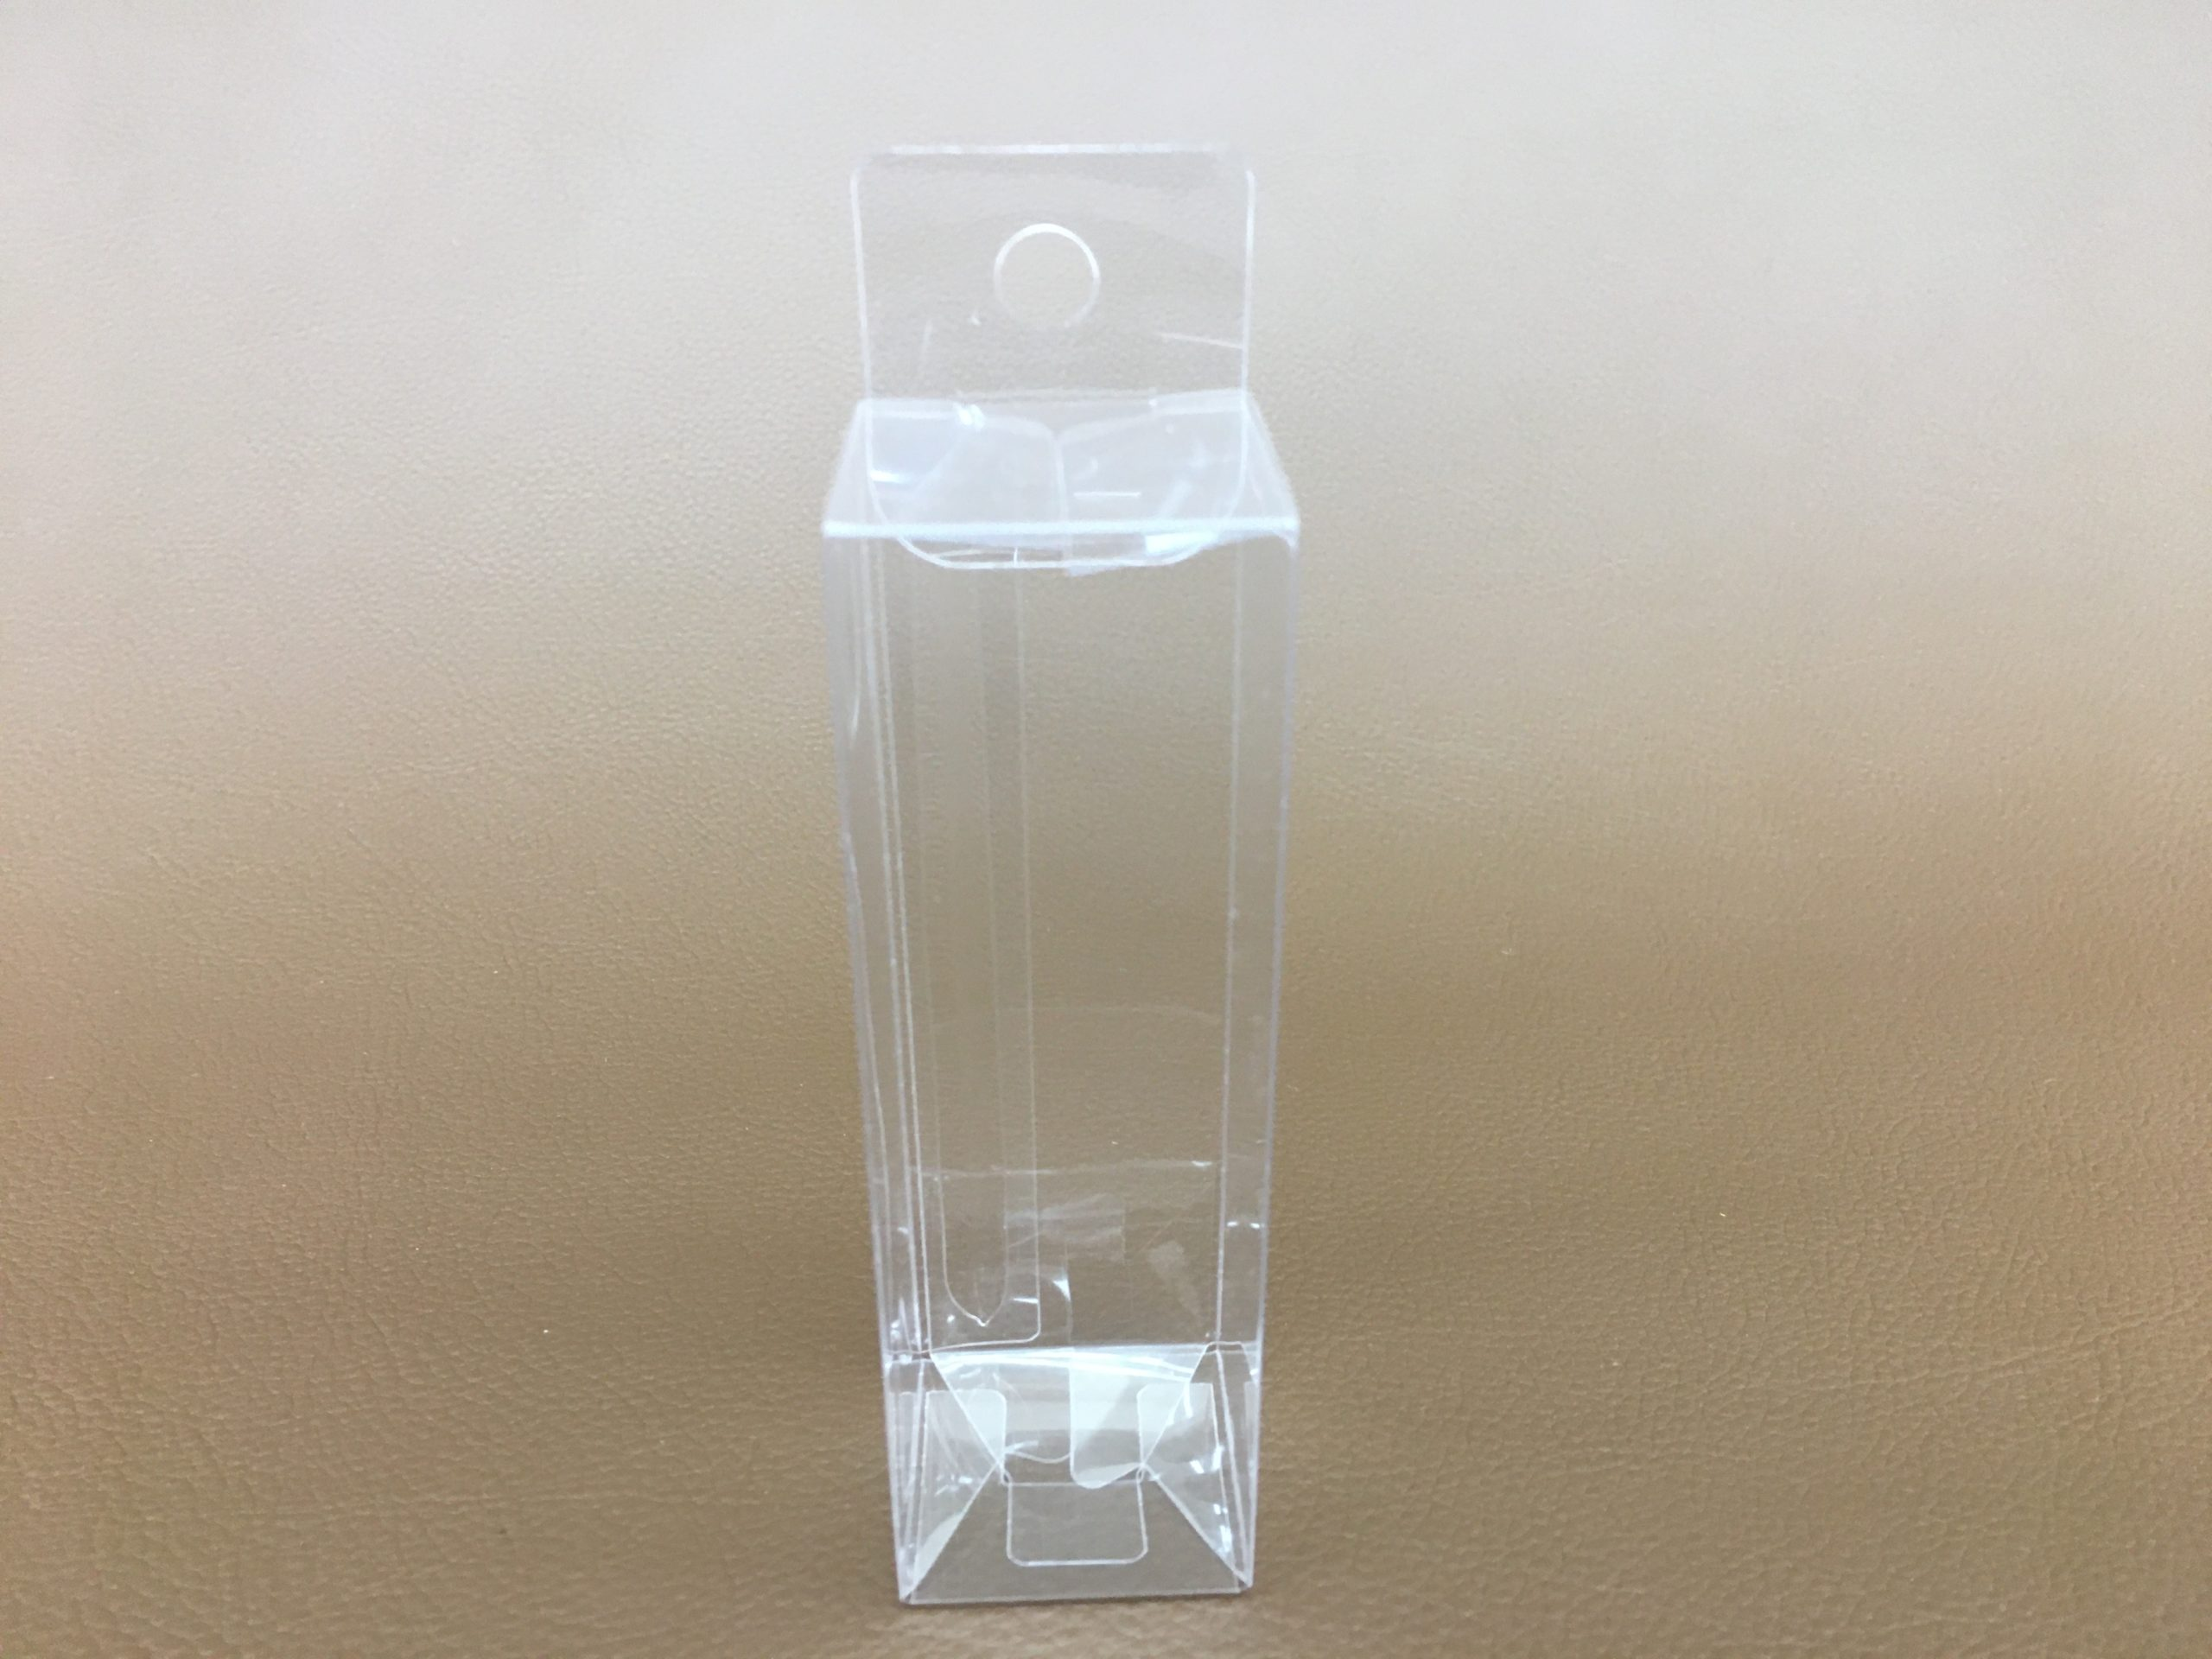 アルコール除菌ボトル用ケース PET 0.2厚 W32mmxD32mmxH102mm